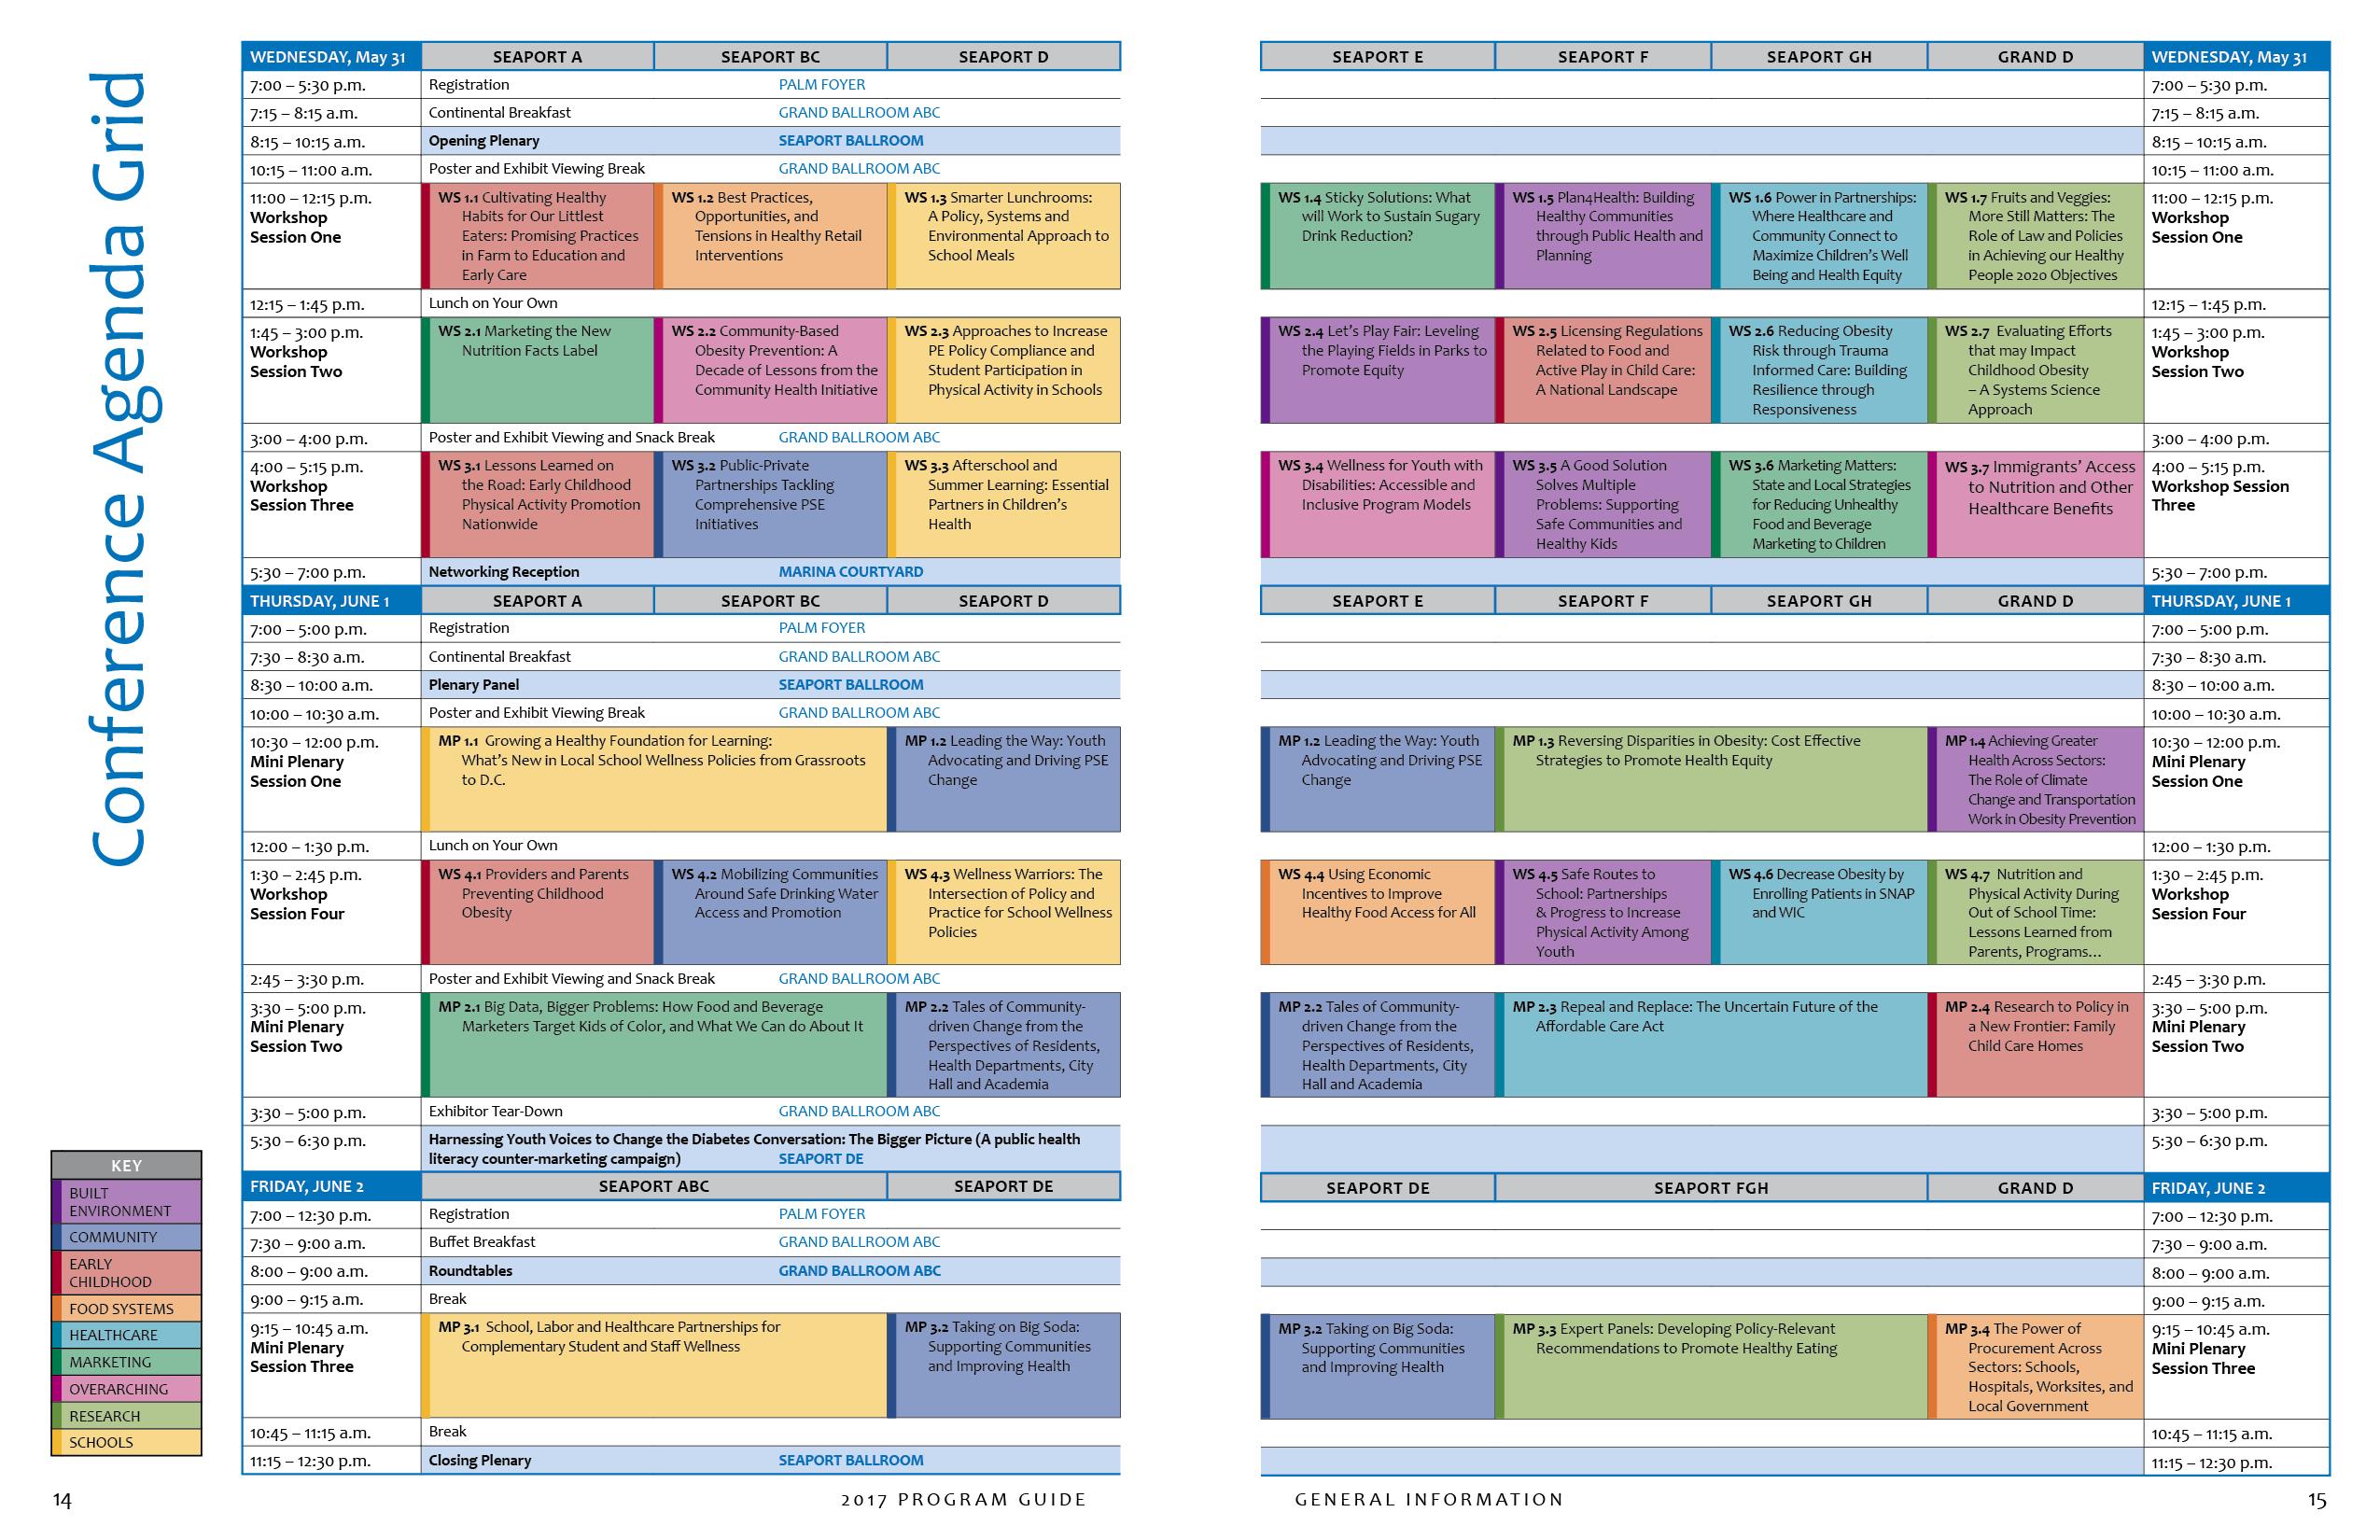 COC17 Program Guide-v12-AGENDA